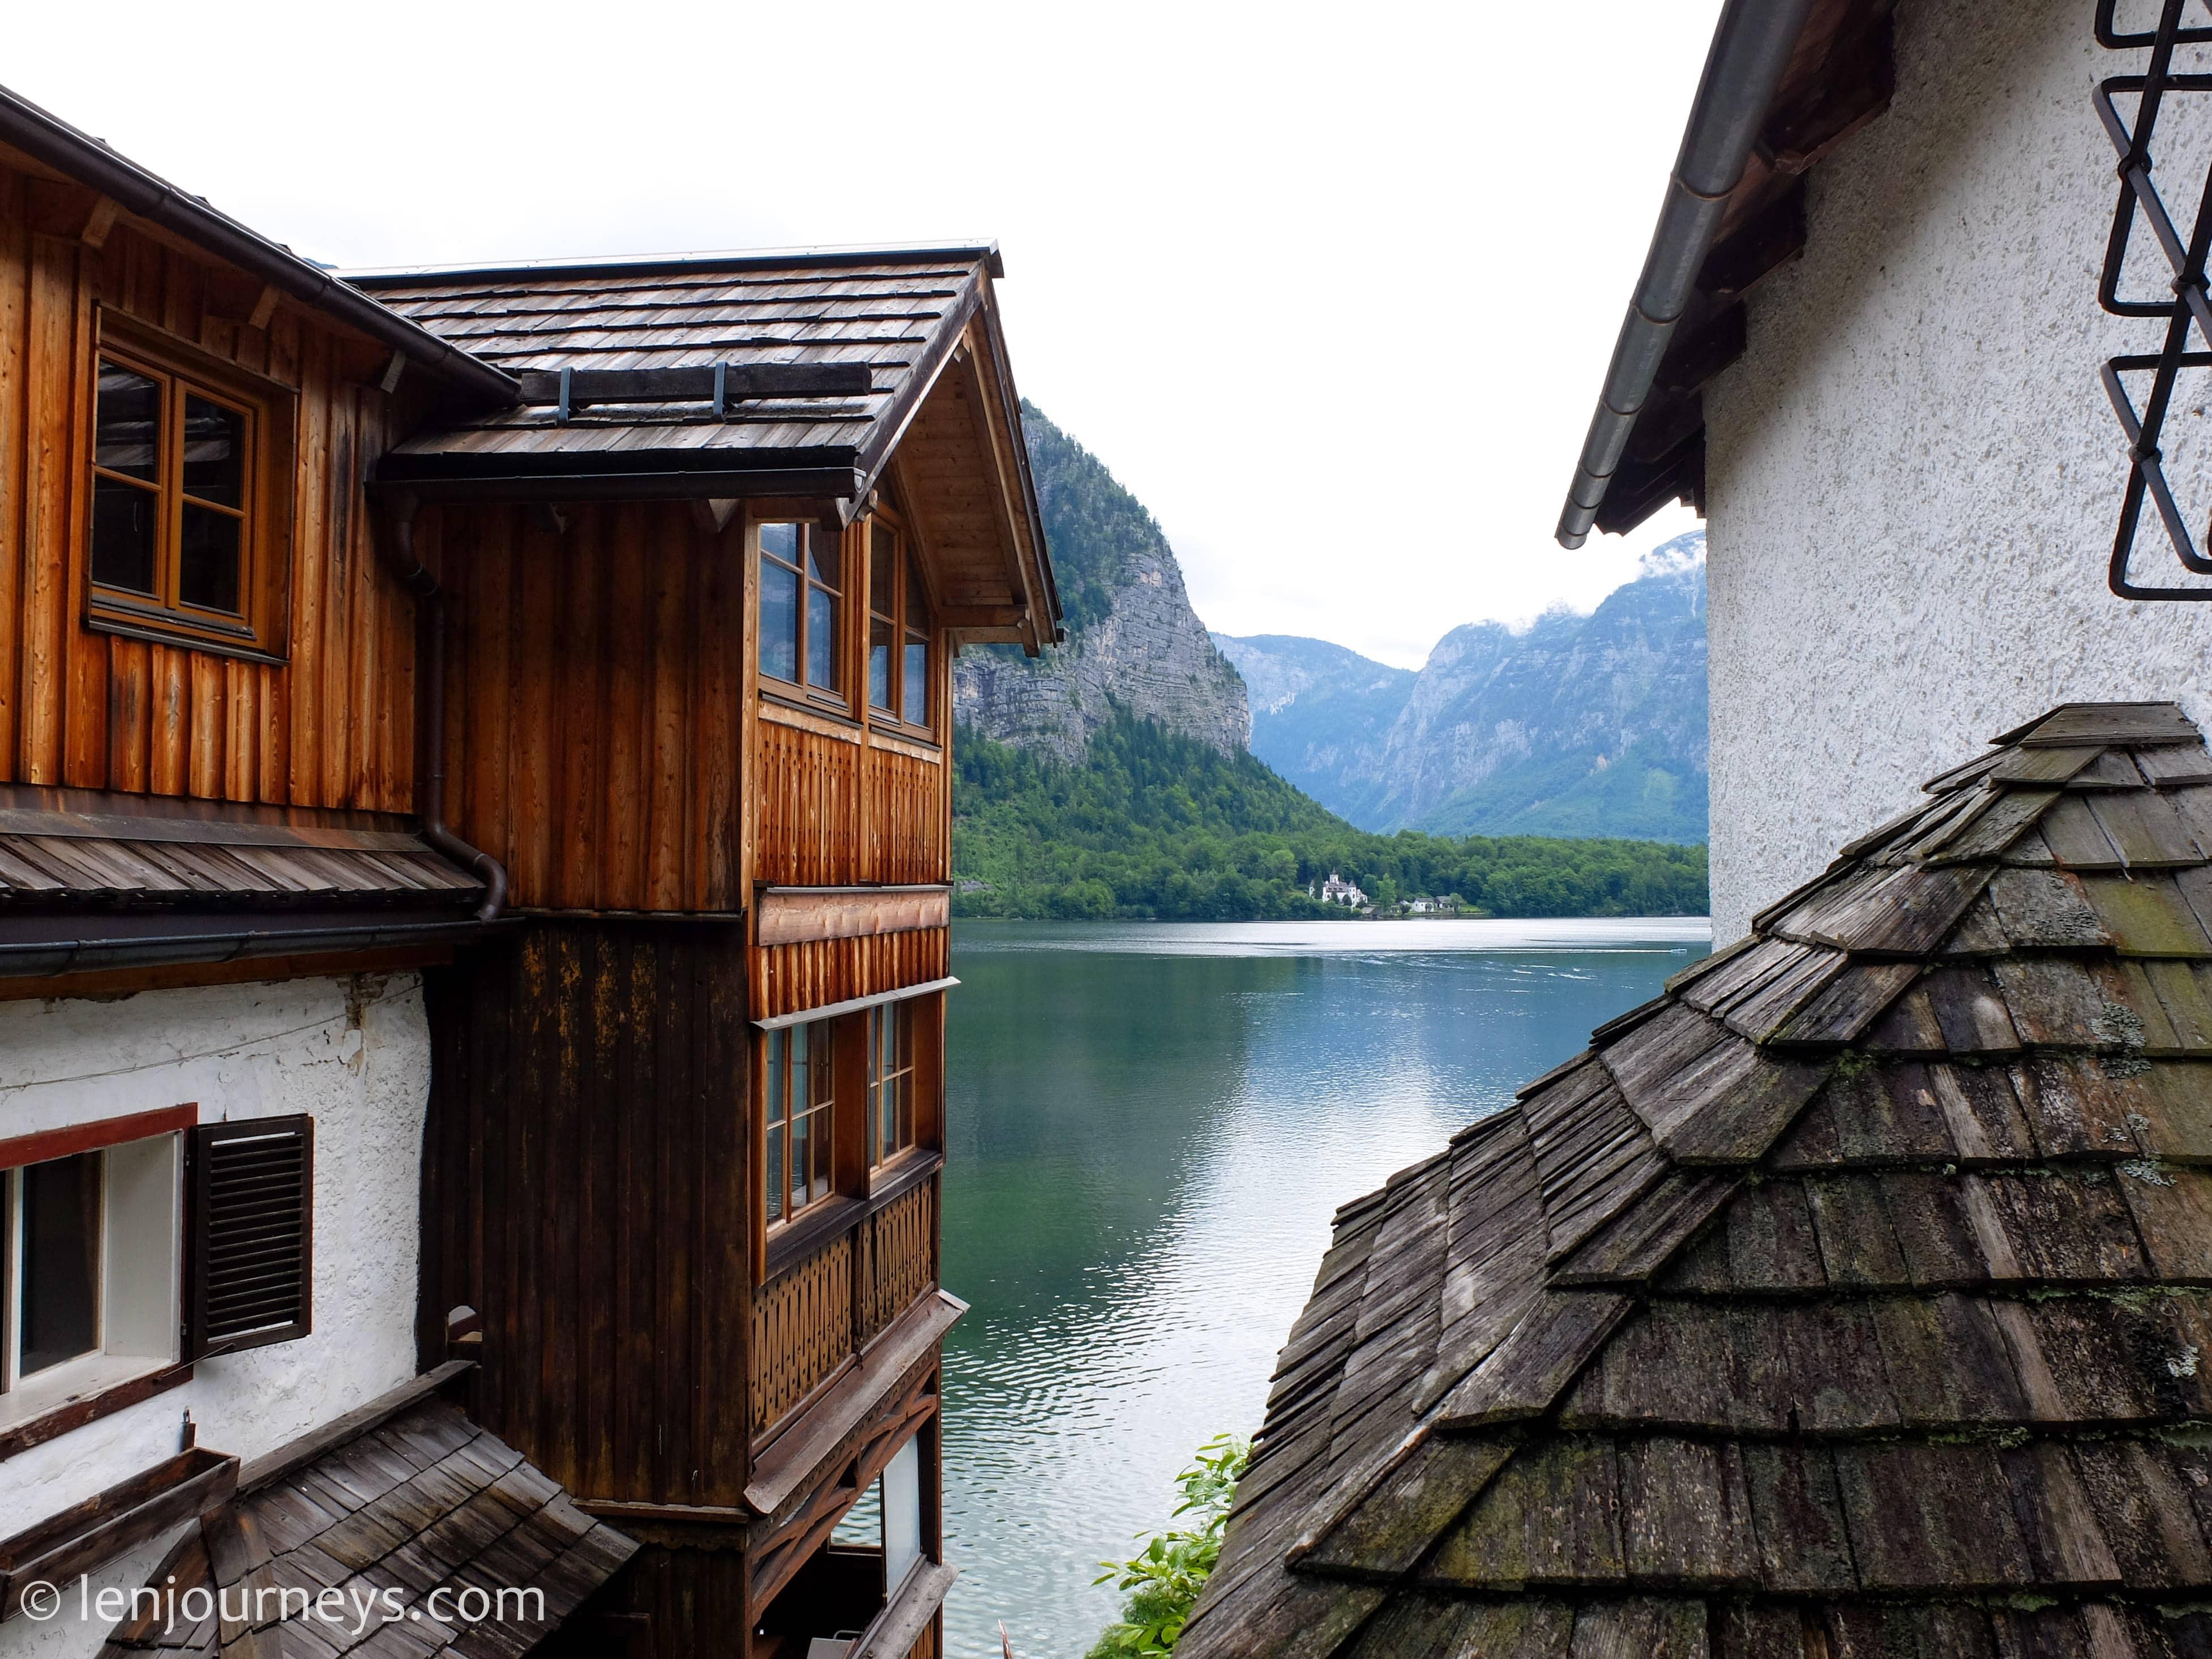 A lakeside house